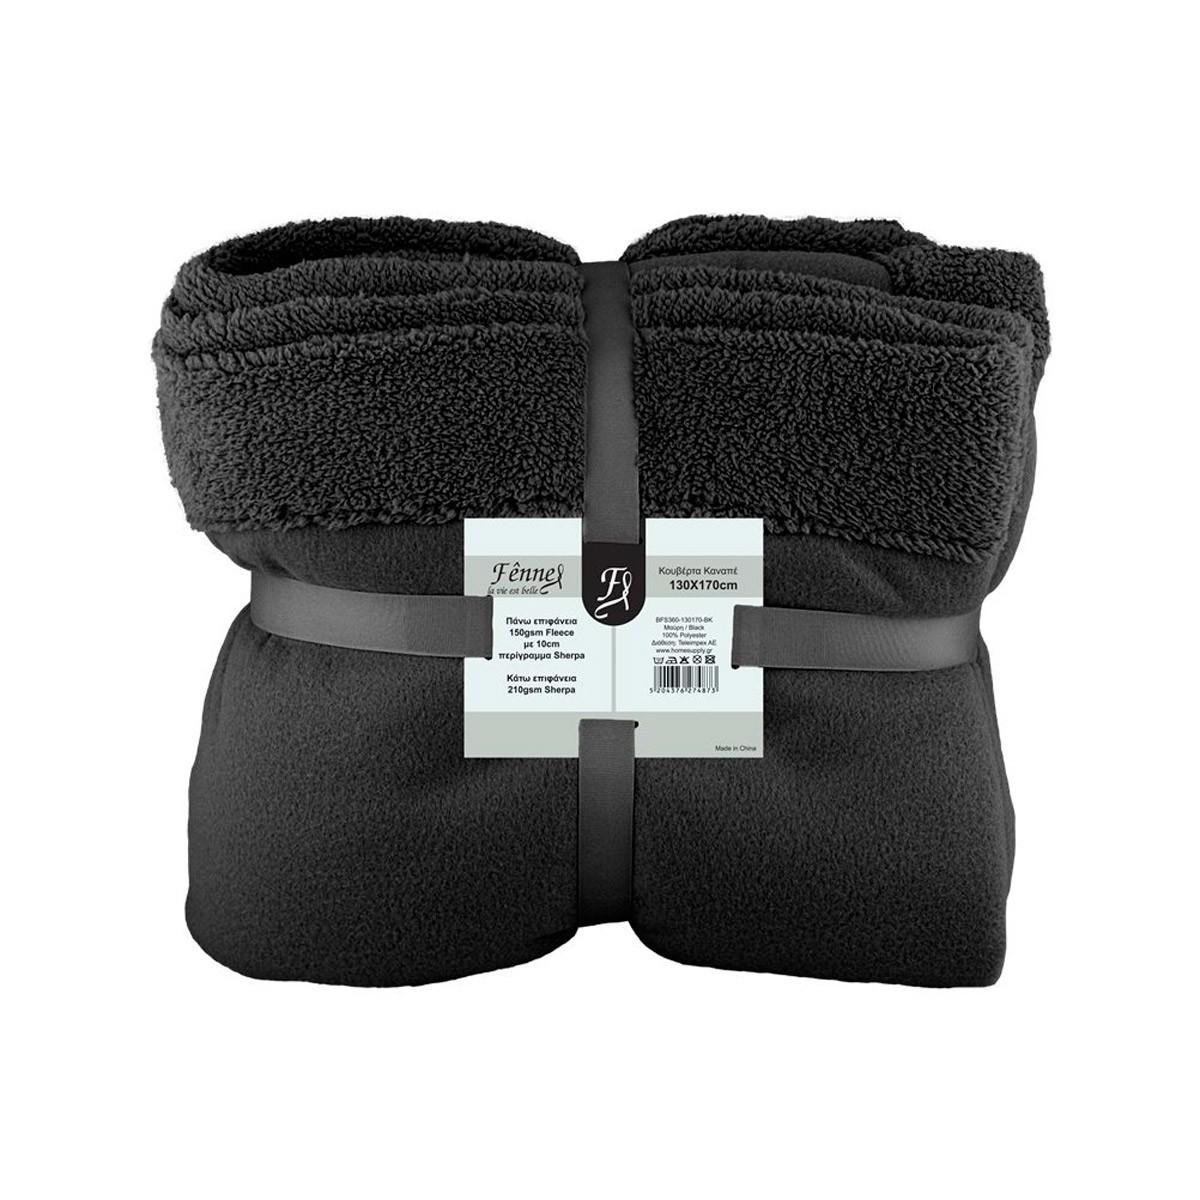 Κουβέρτα Καναπέ Fennel BFS360 Black